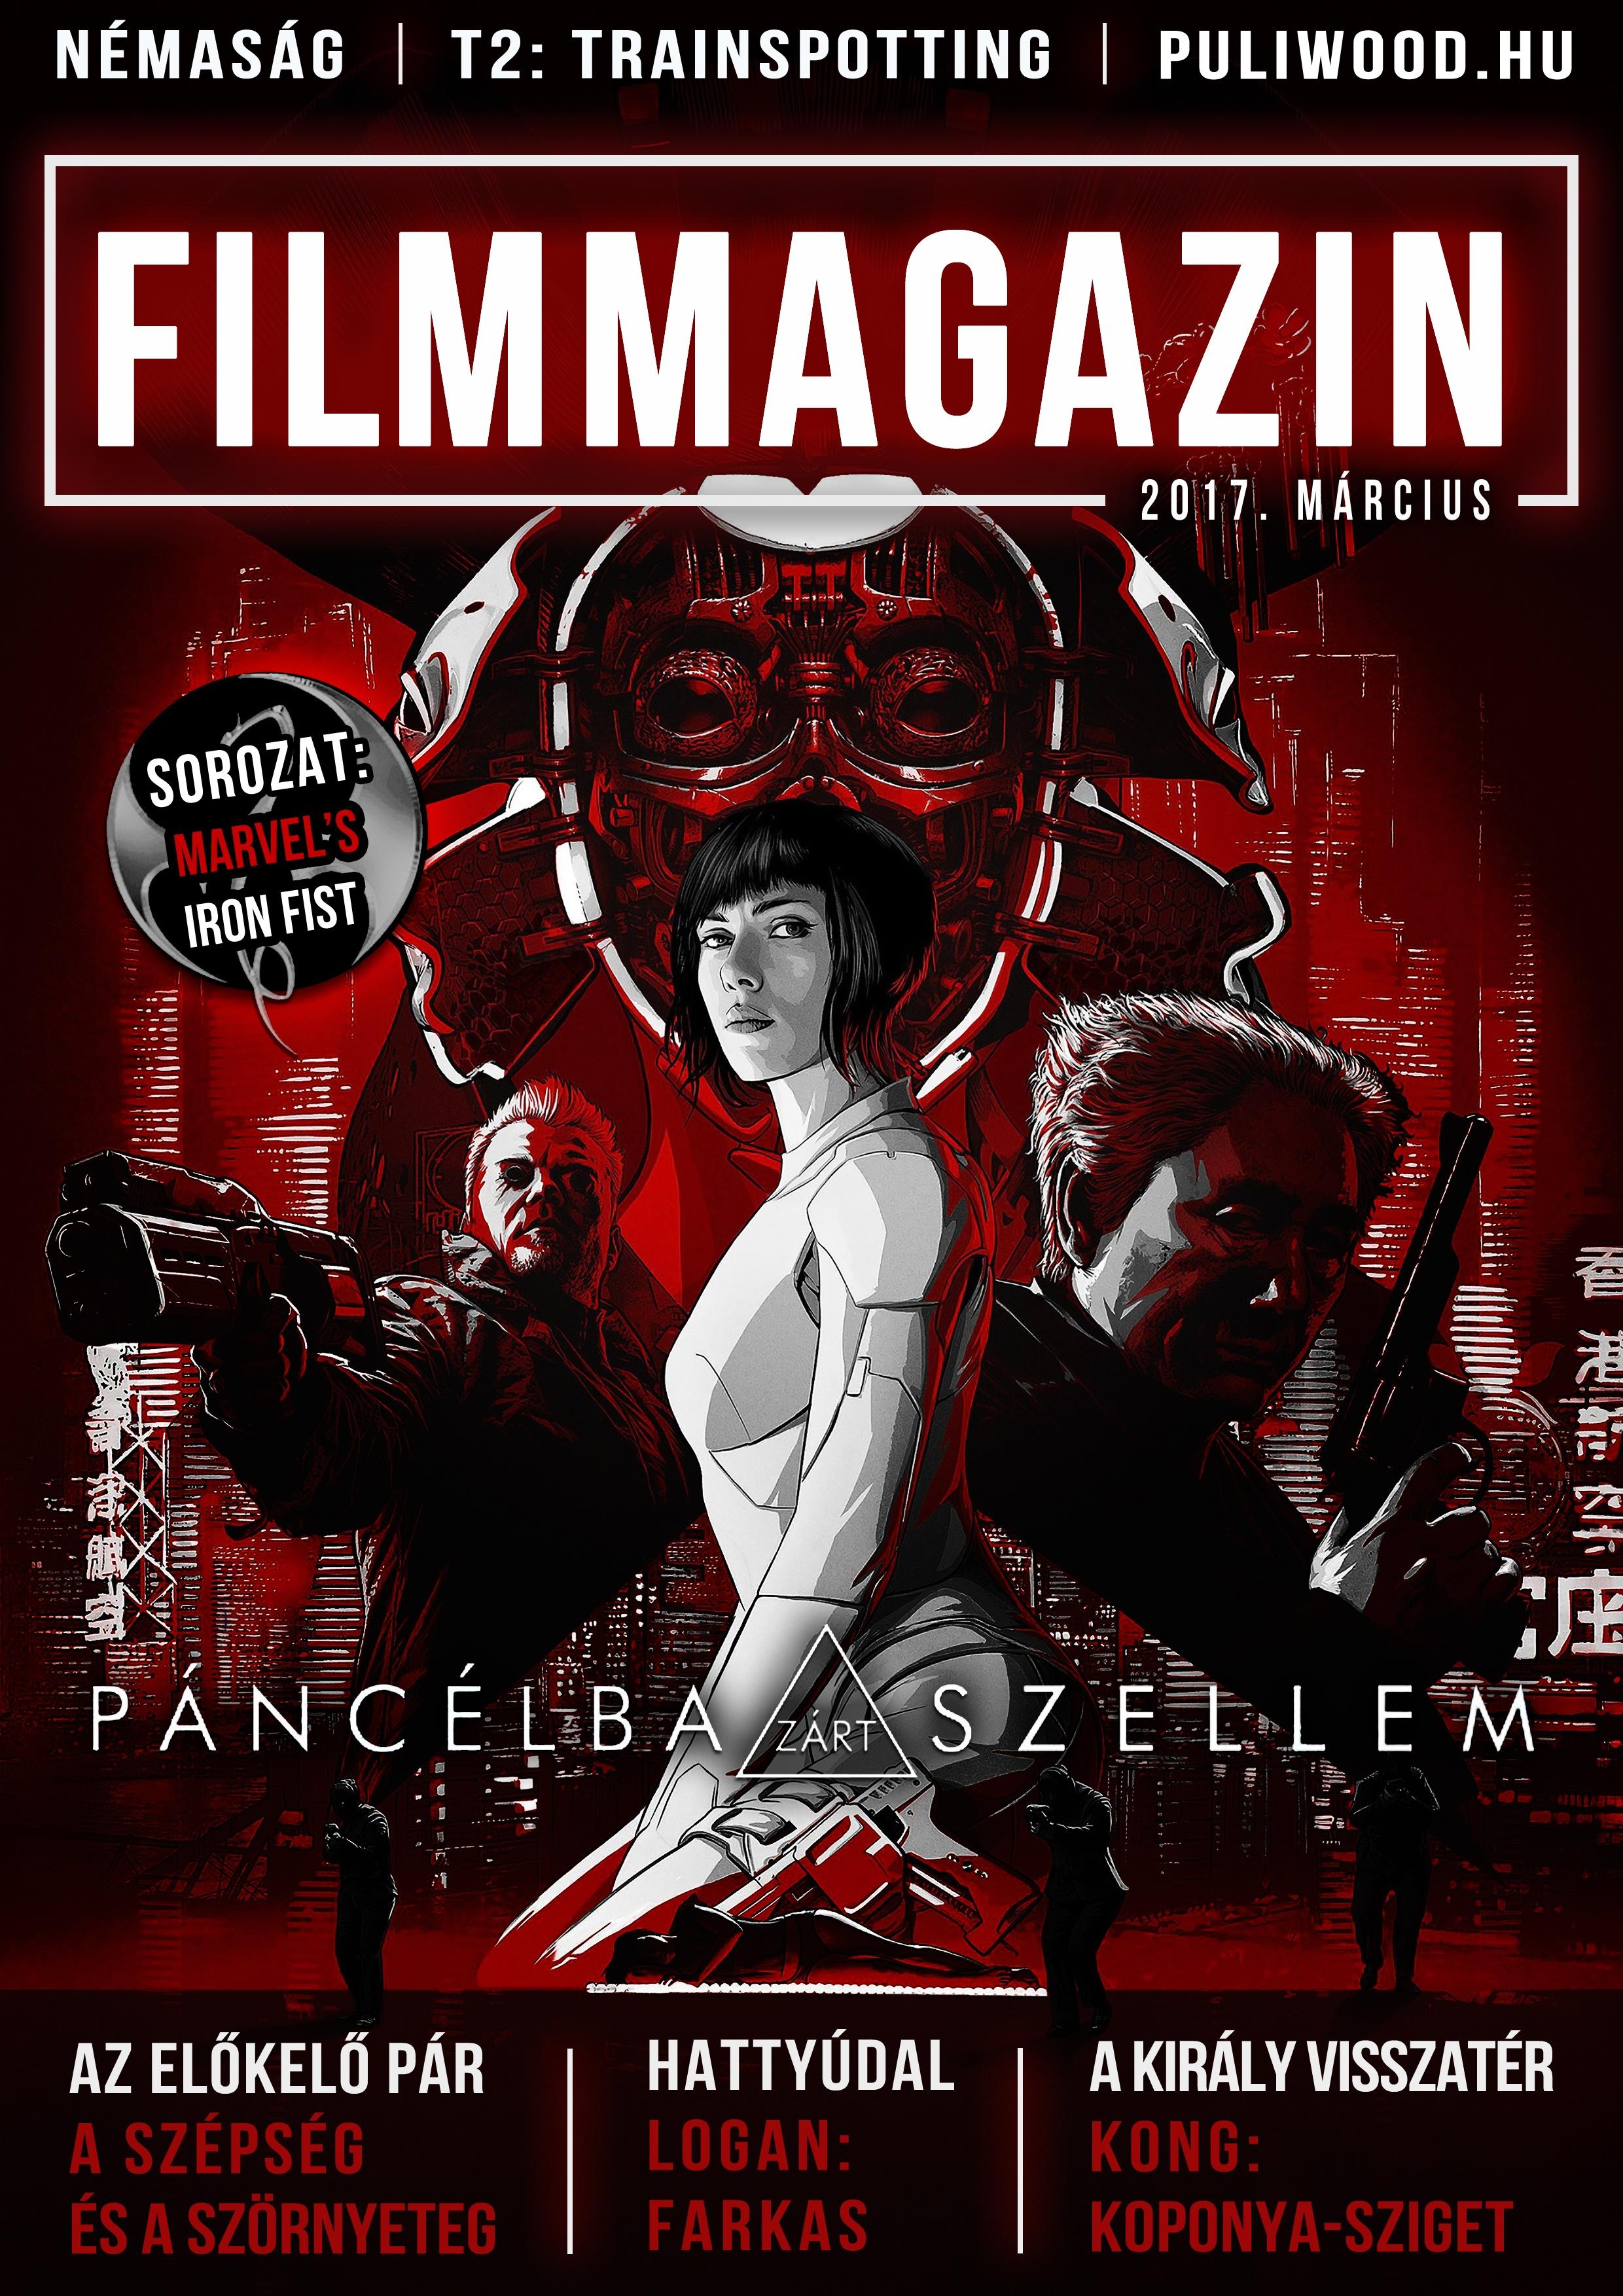 Filmmagazin október